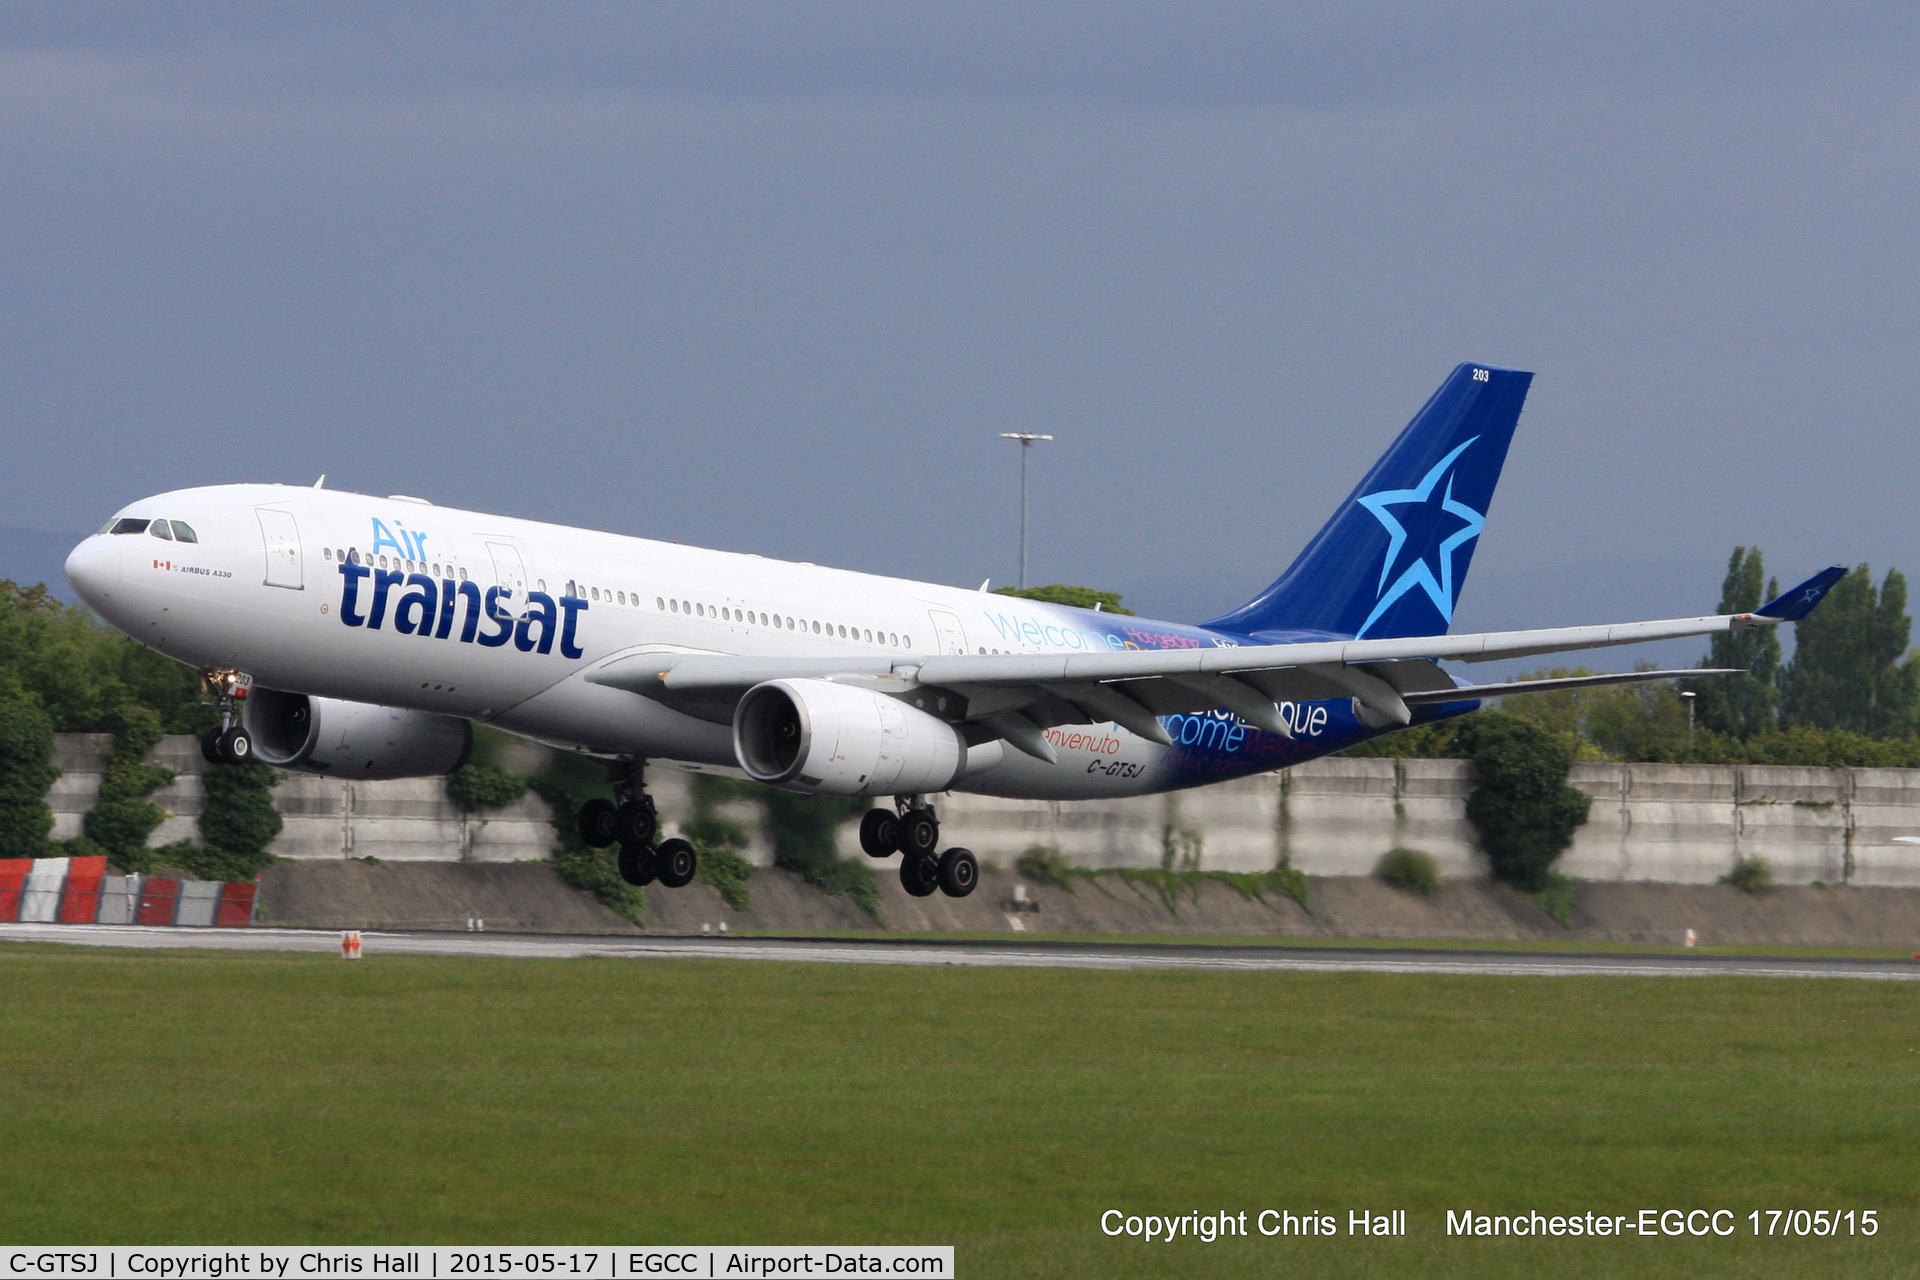 C-GTSJ, 2006 Airbus A330-243 C/N 795, Air Transat